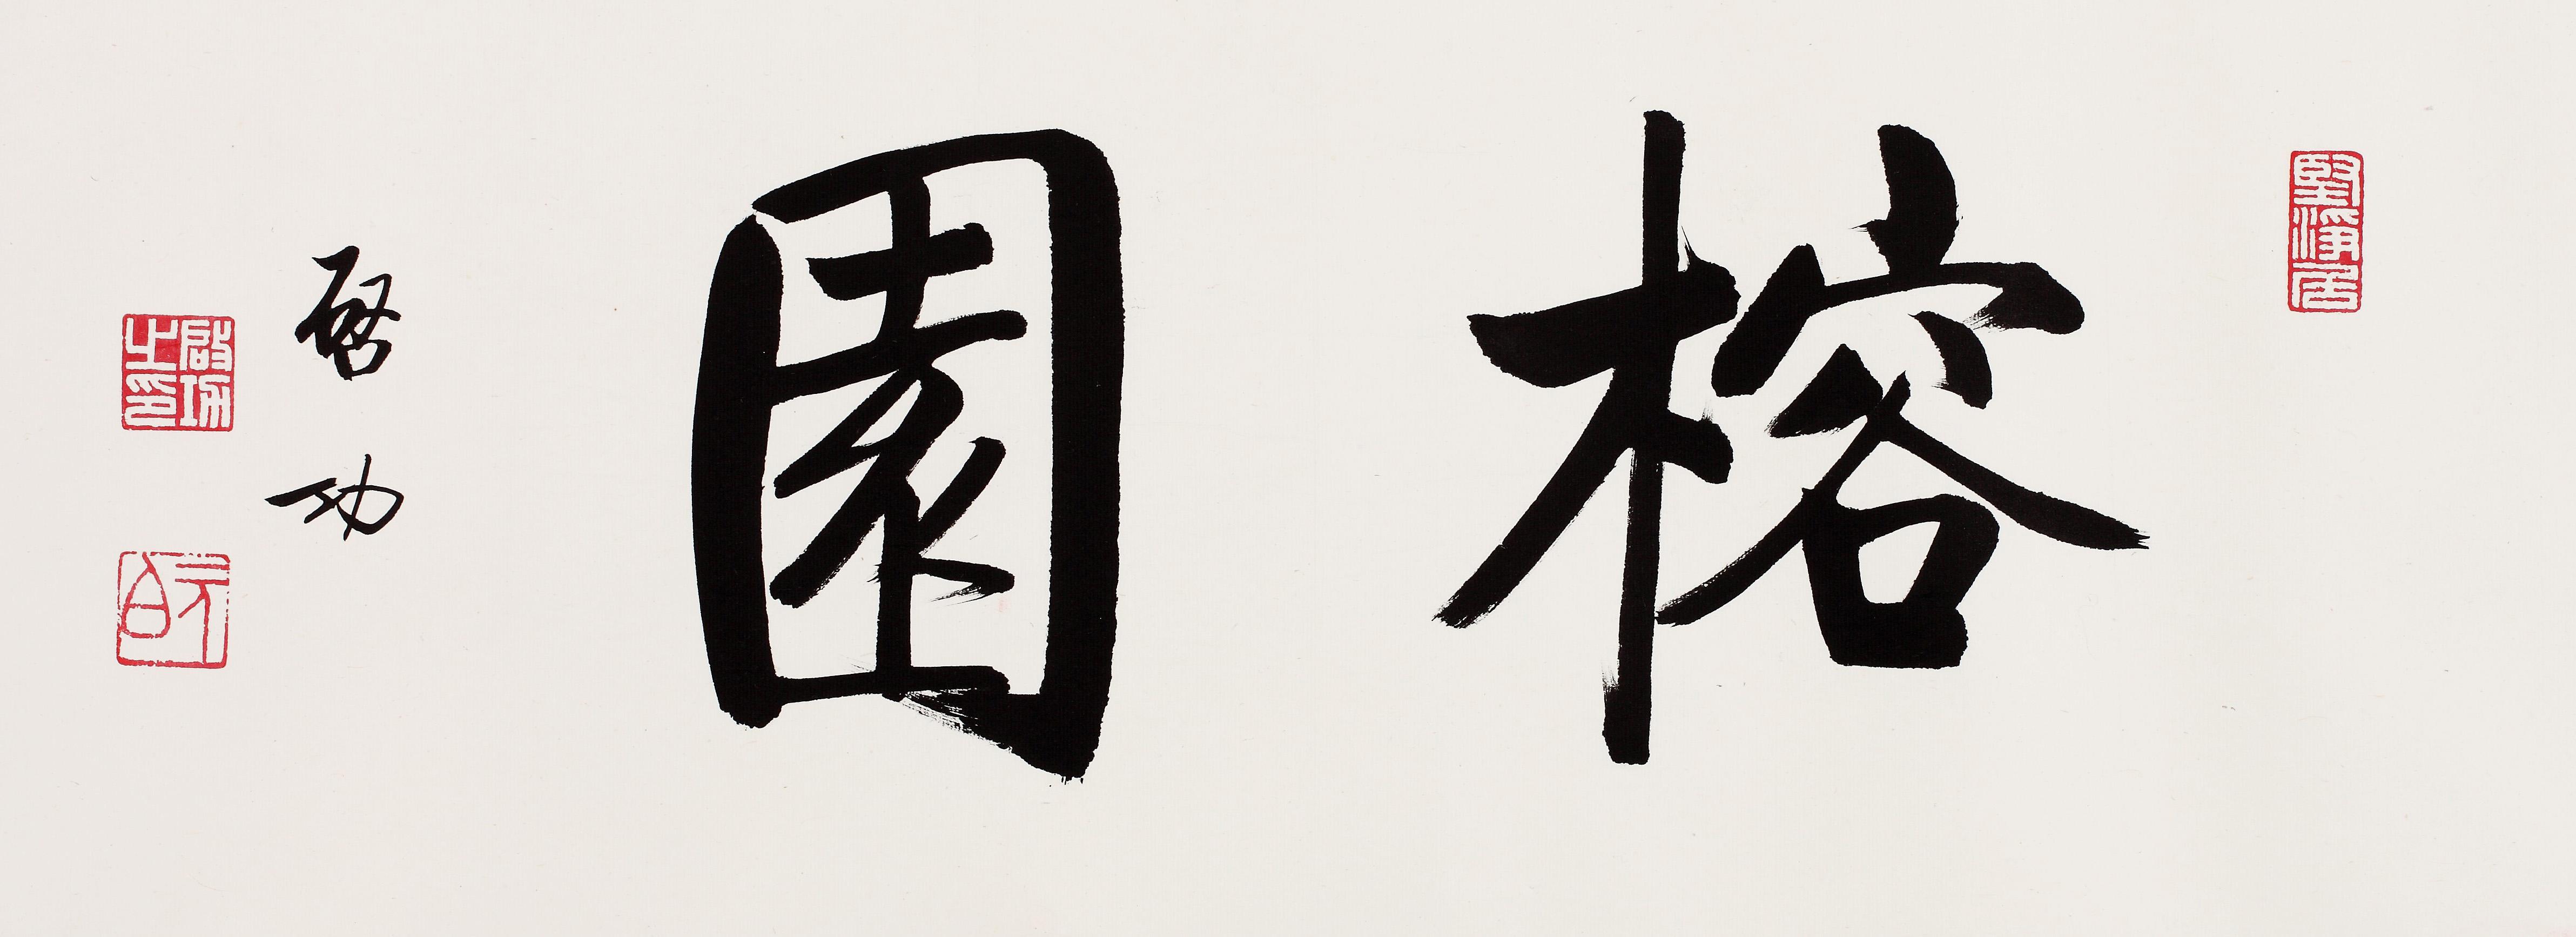 中国政协常务委员,中国书法协会名誉主席,中国佛教协会,故宫博物院图片